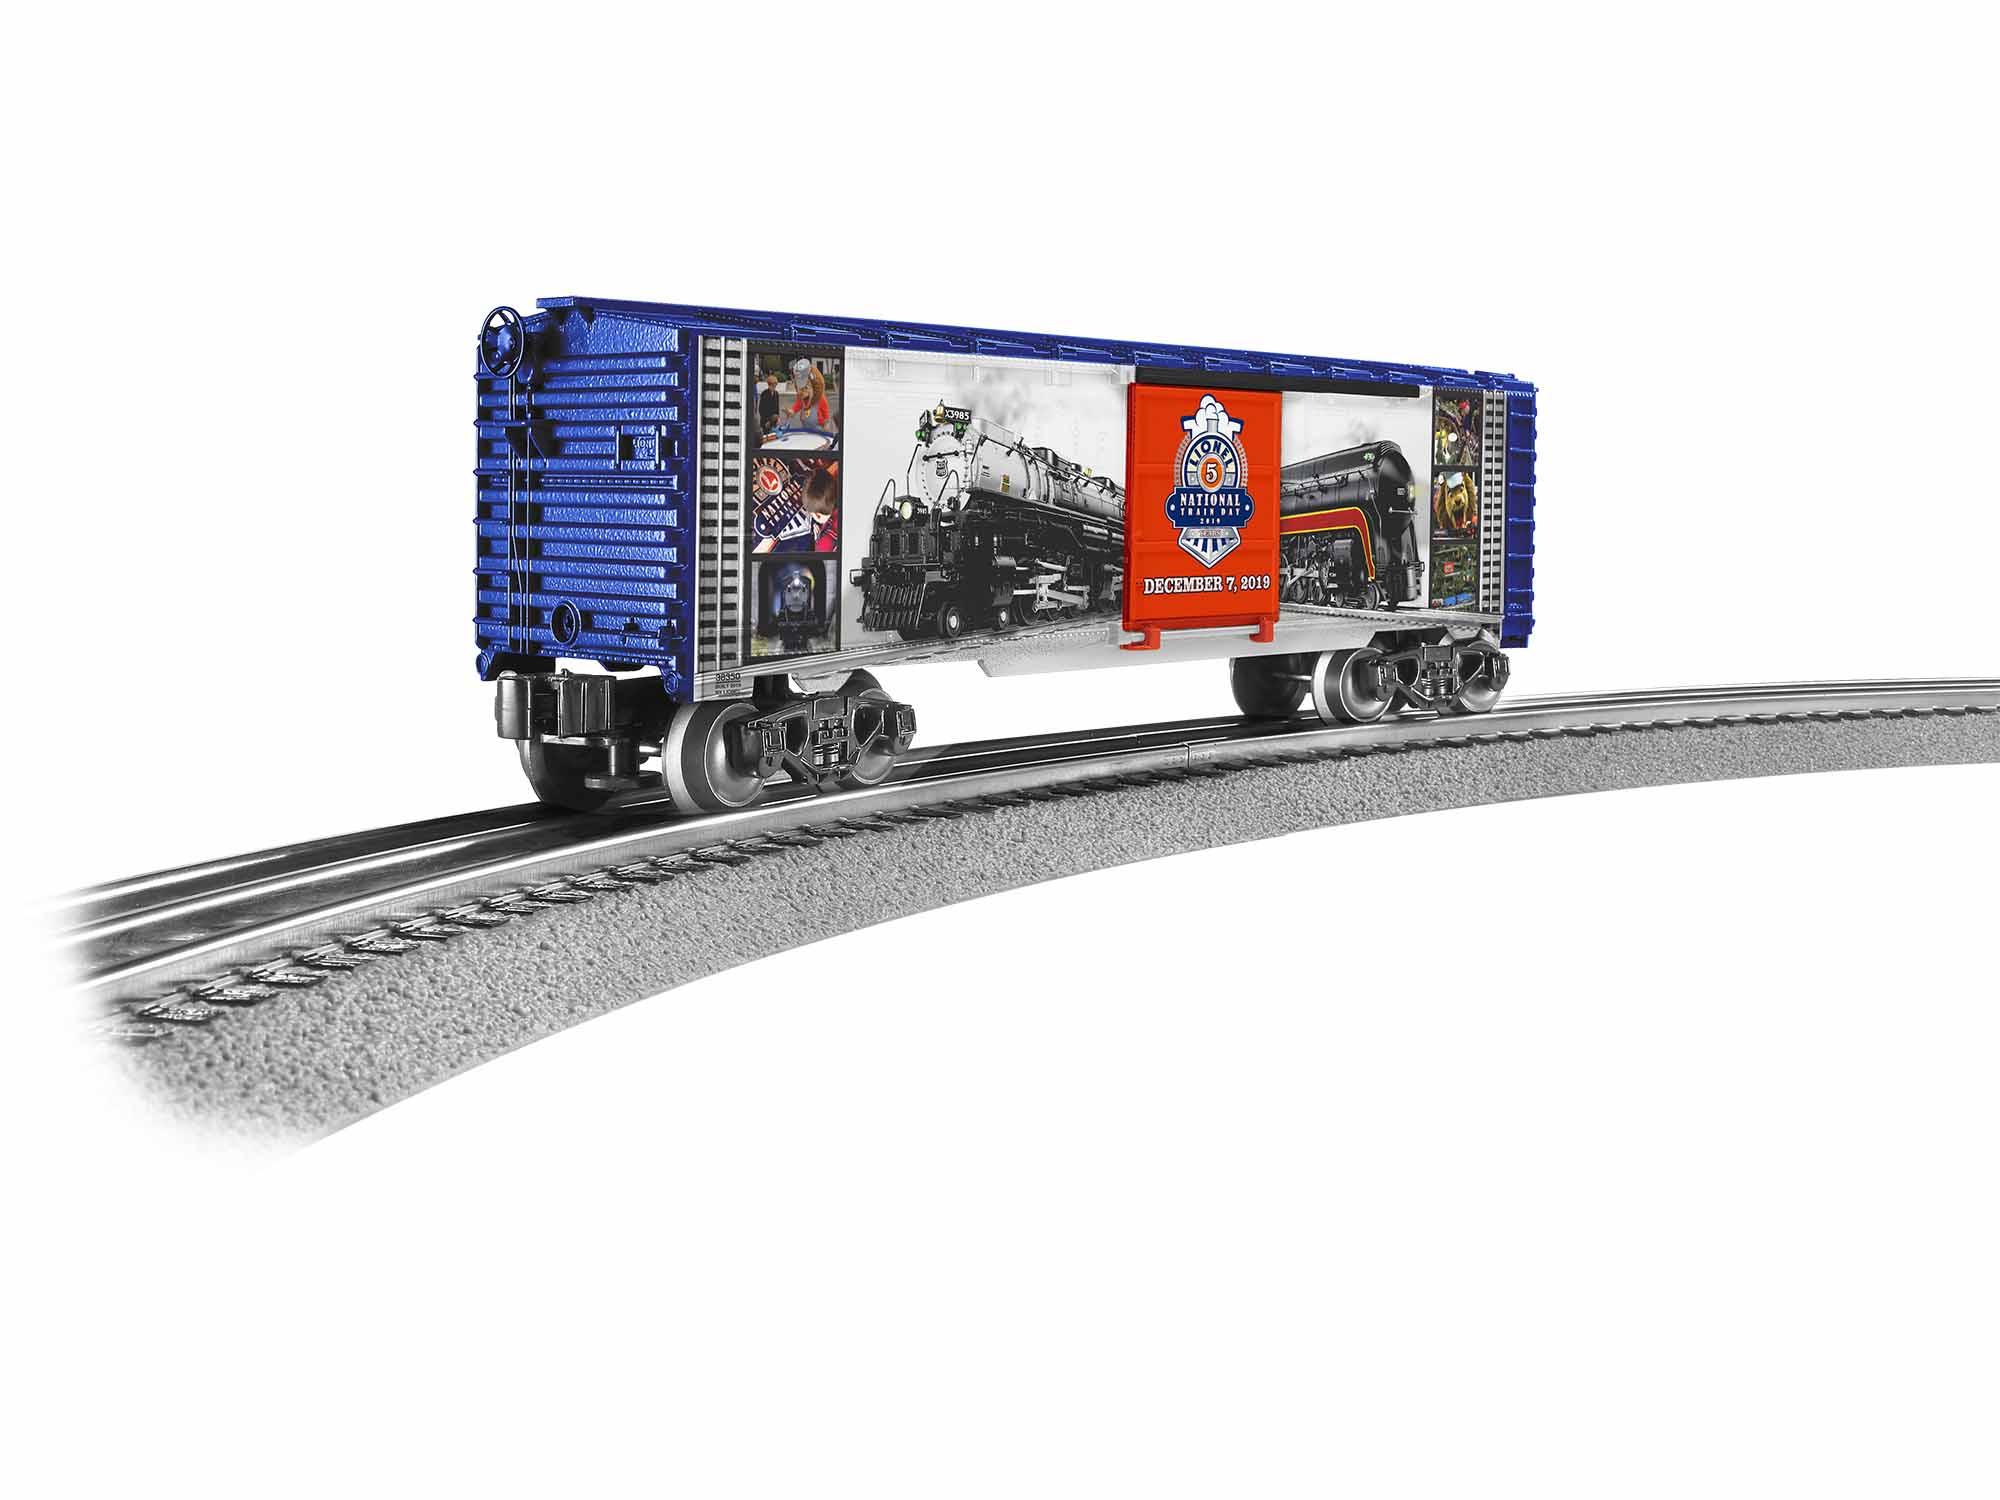 Lionel 1938350 O Boxcar 3-Rail RTR 2019 Train Day 434-1938350